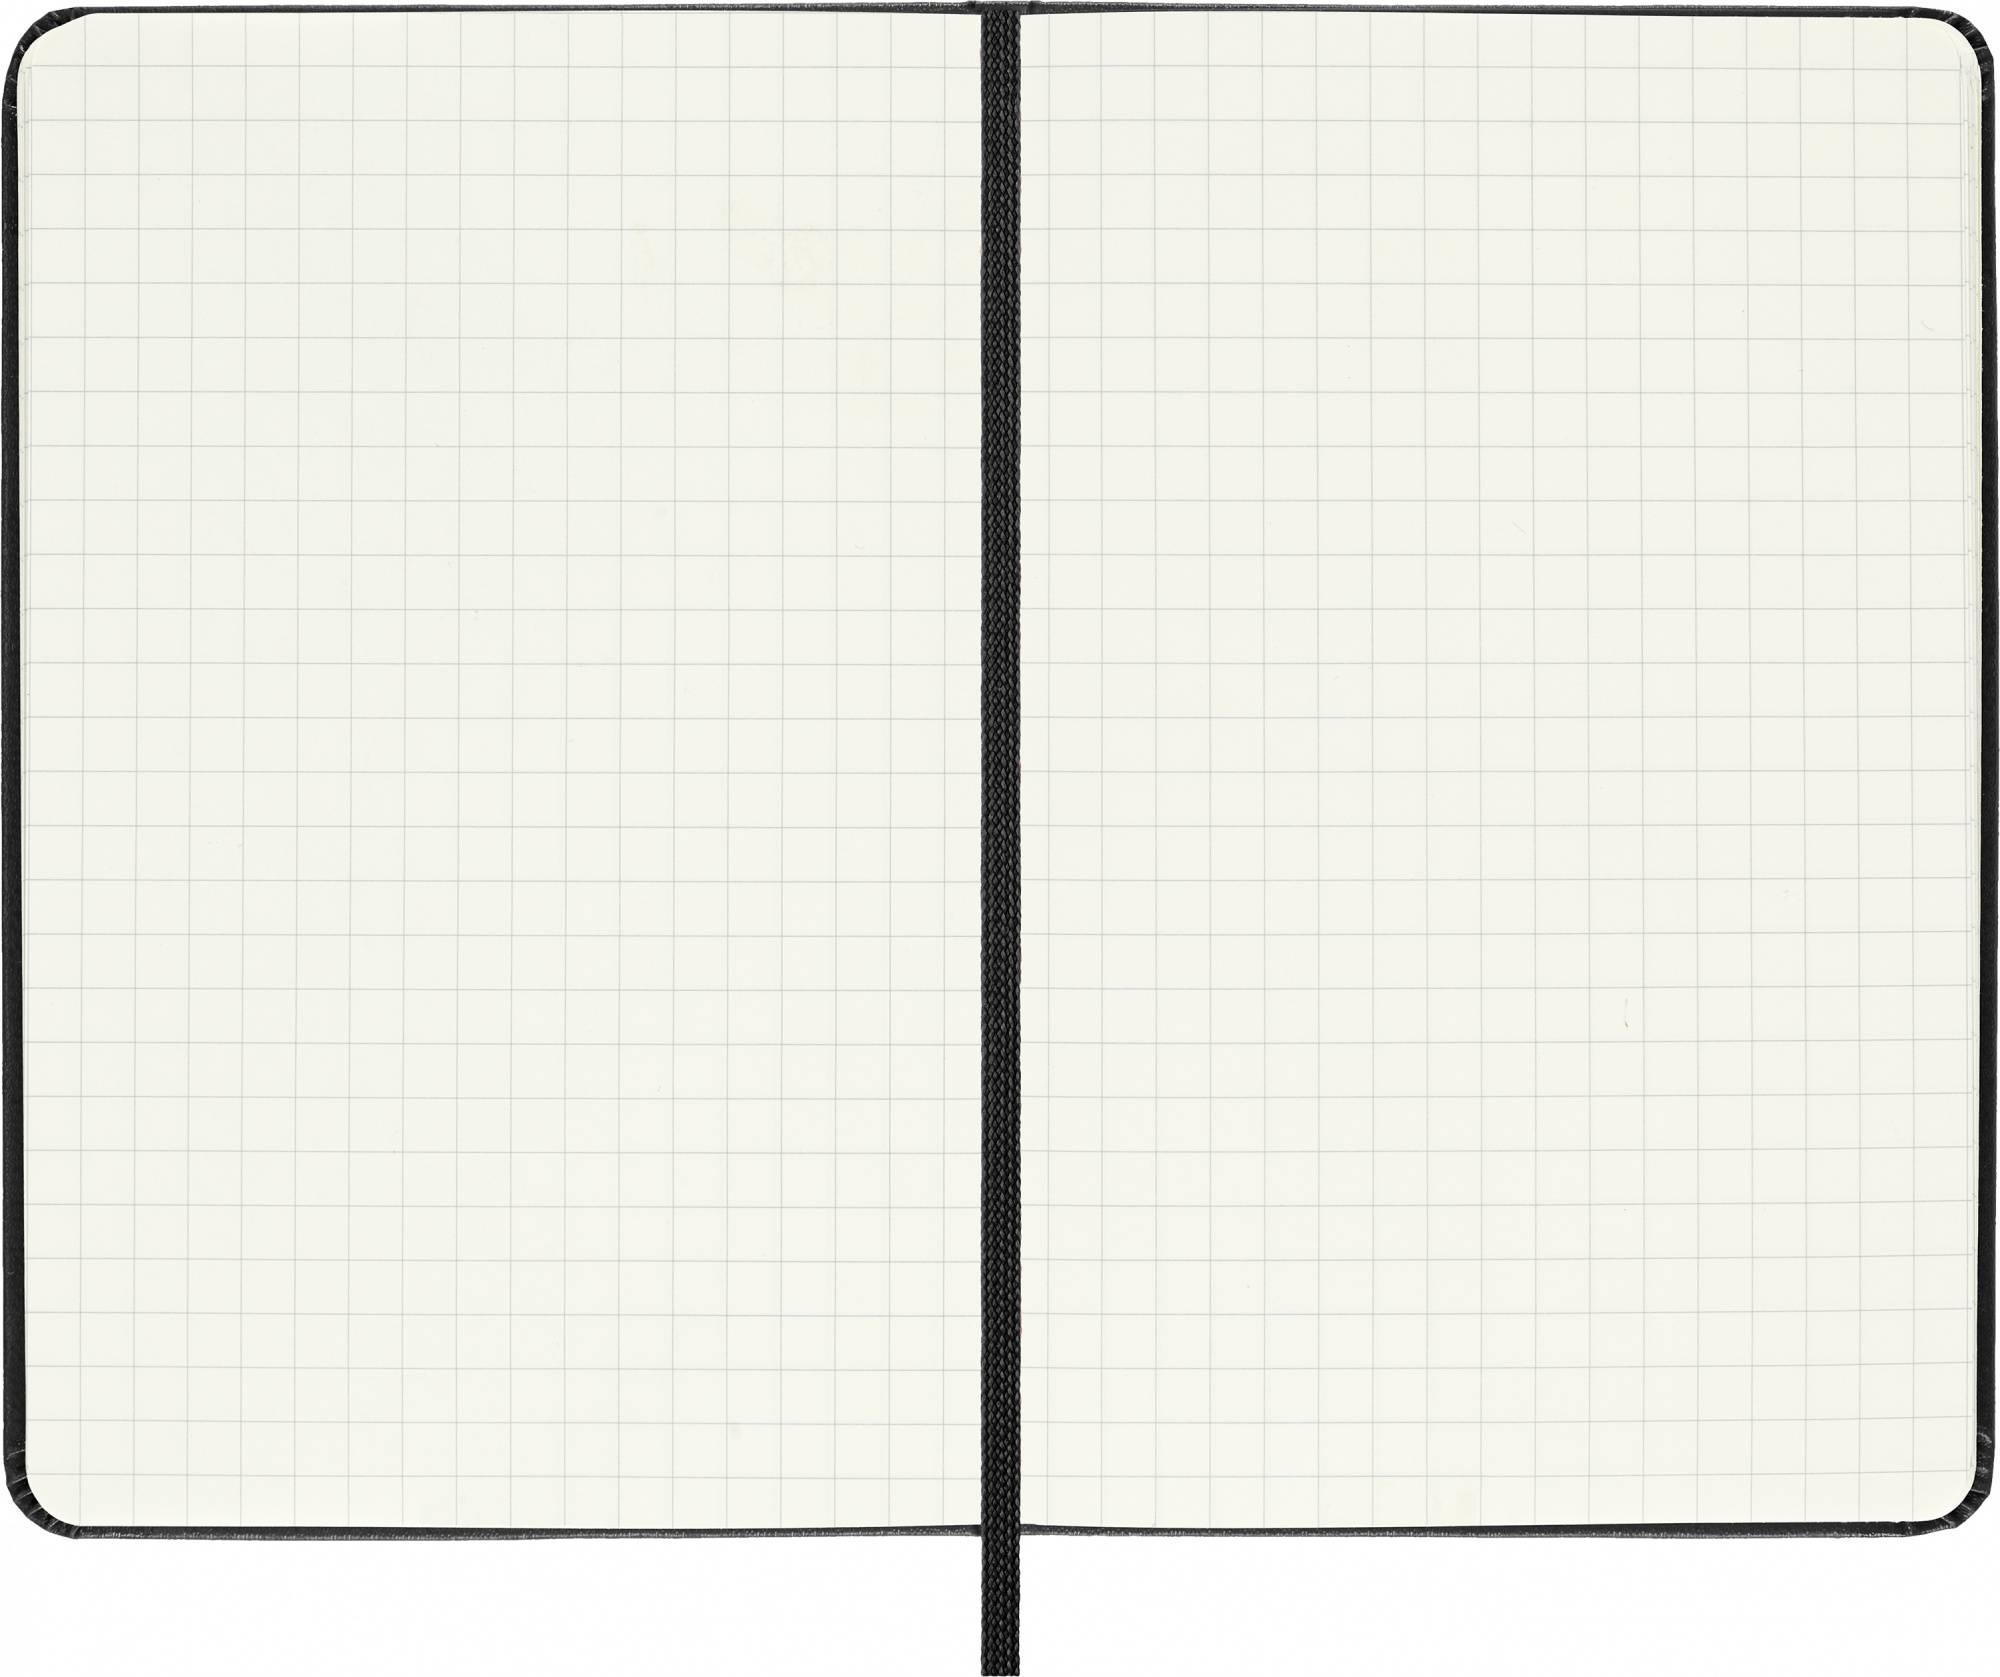 Блокнот Moleskine CLASSIC POCKET 90x140мм 192стр. клетка твердая обложка фиксирующая резинка черный - фото 4